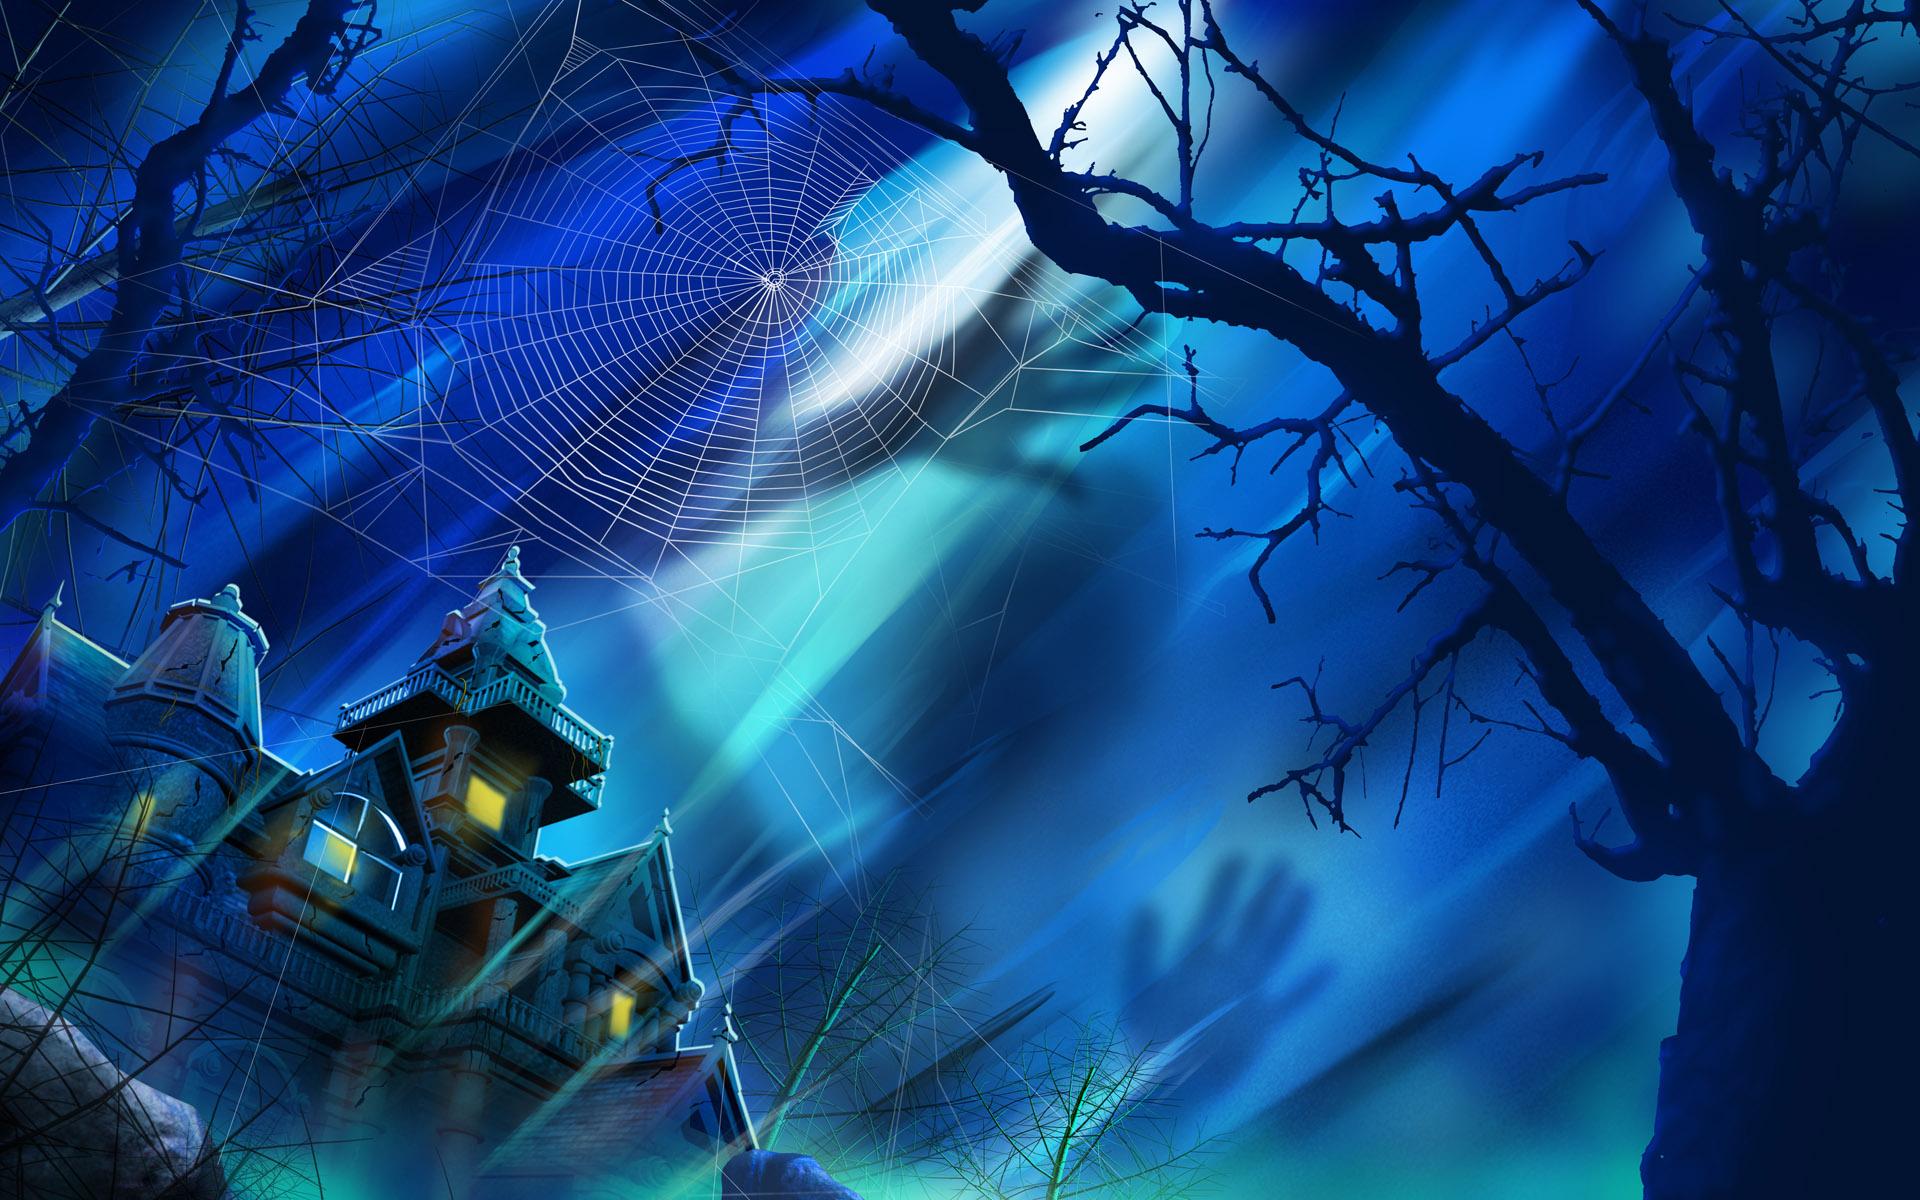 halloween wallpapers desktop catching backgrounds eye graphics 1920x1200